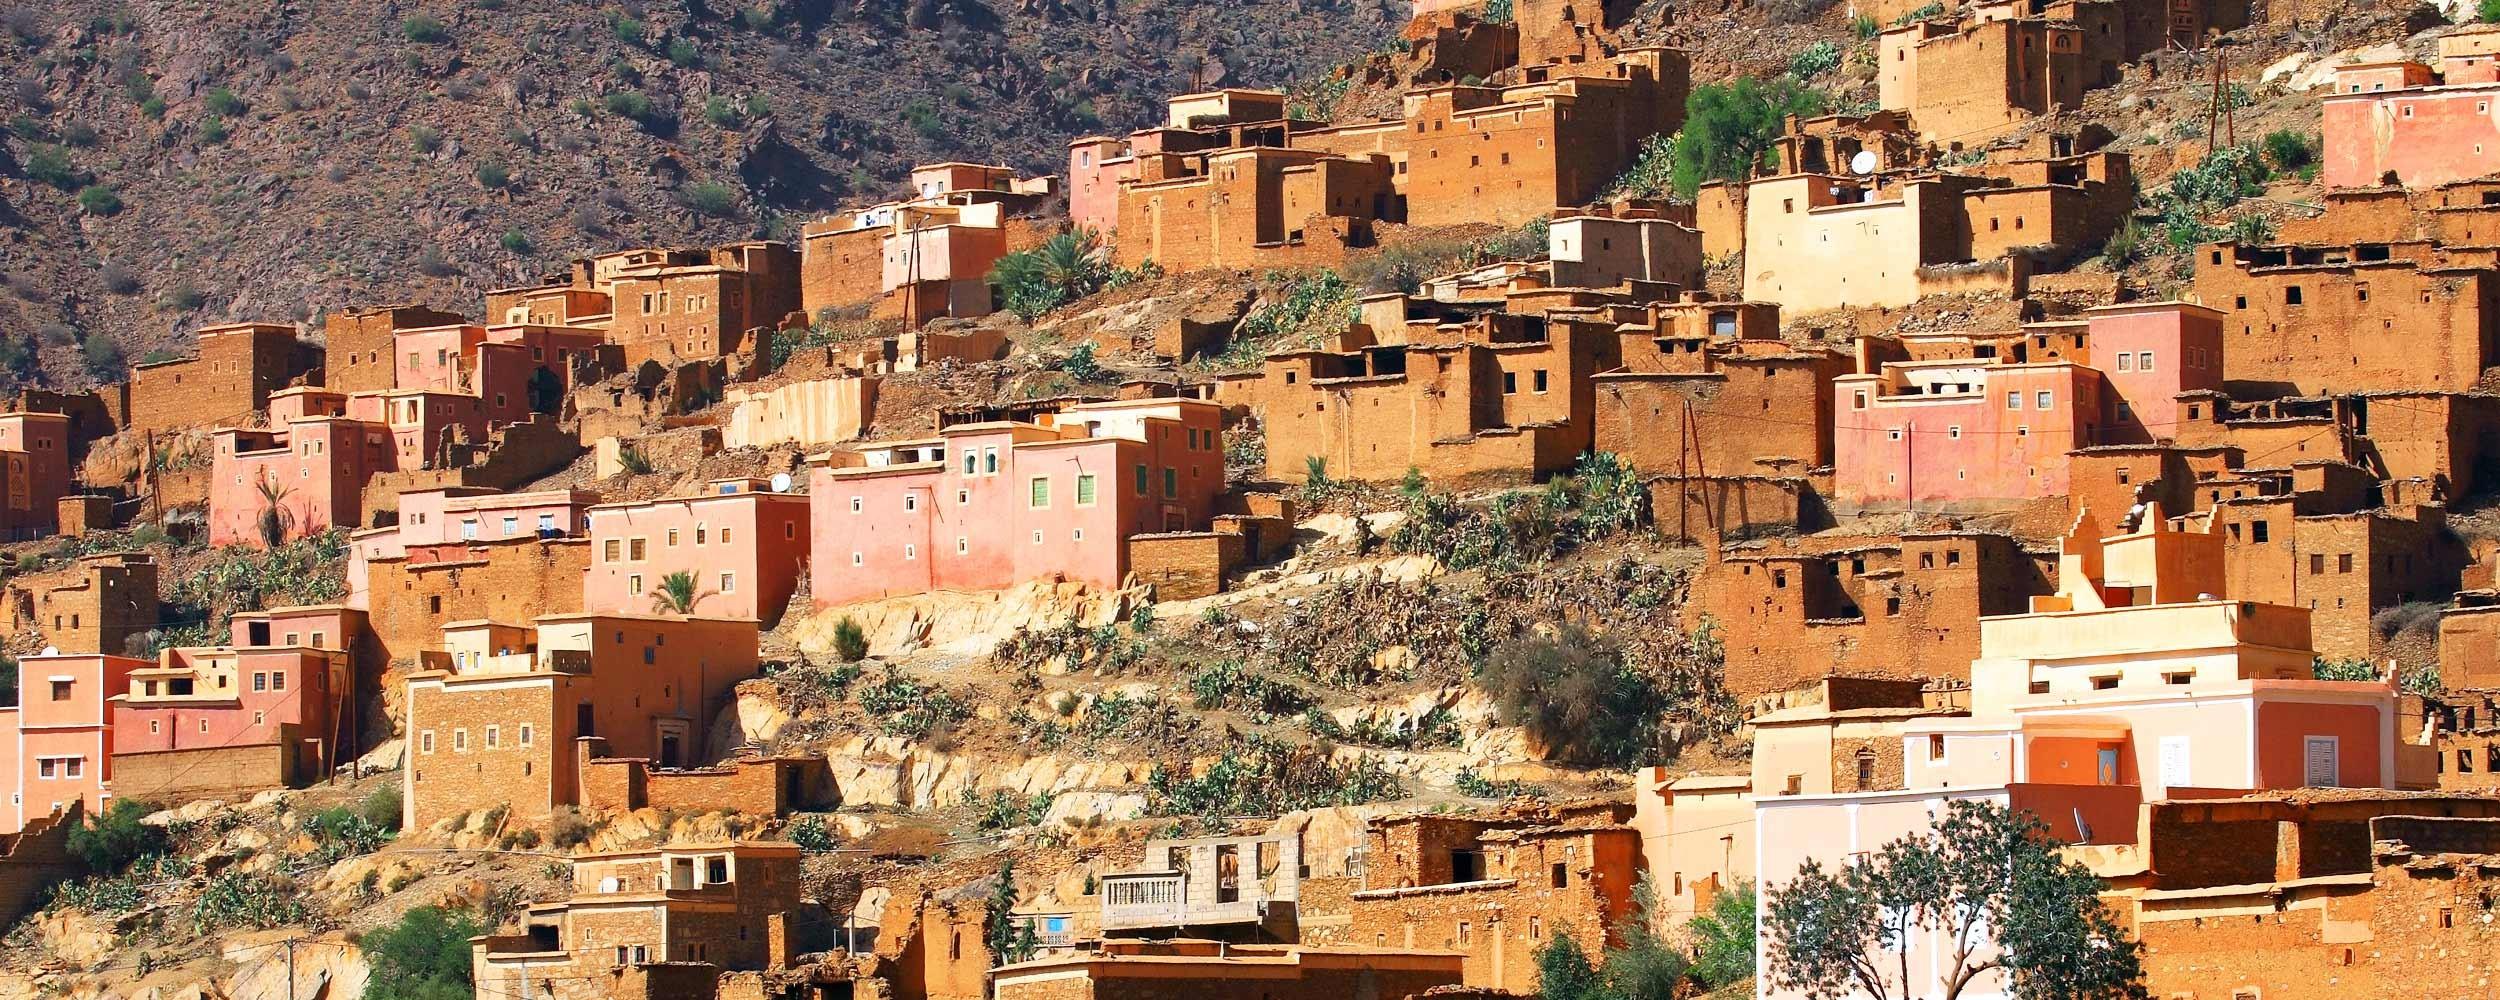 Maroc village berbere